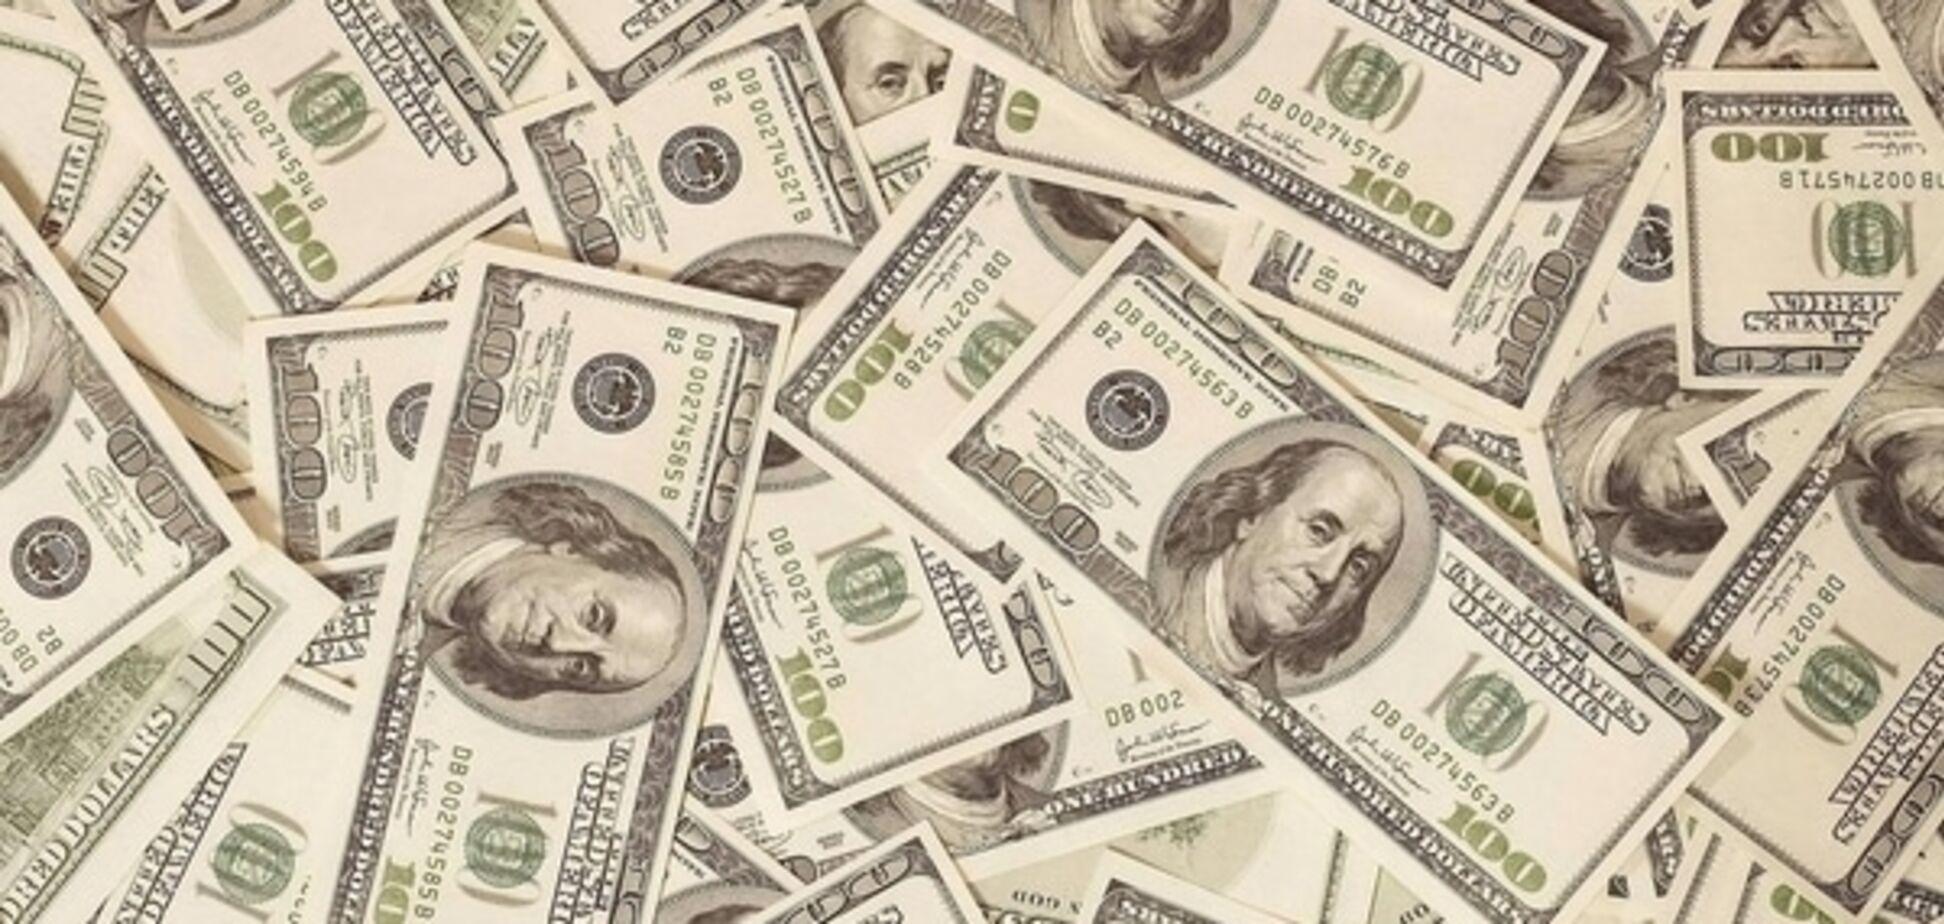 Частка оптимізму: долар зменшив оберти